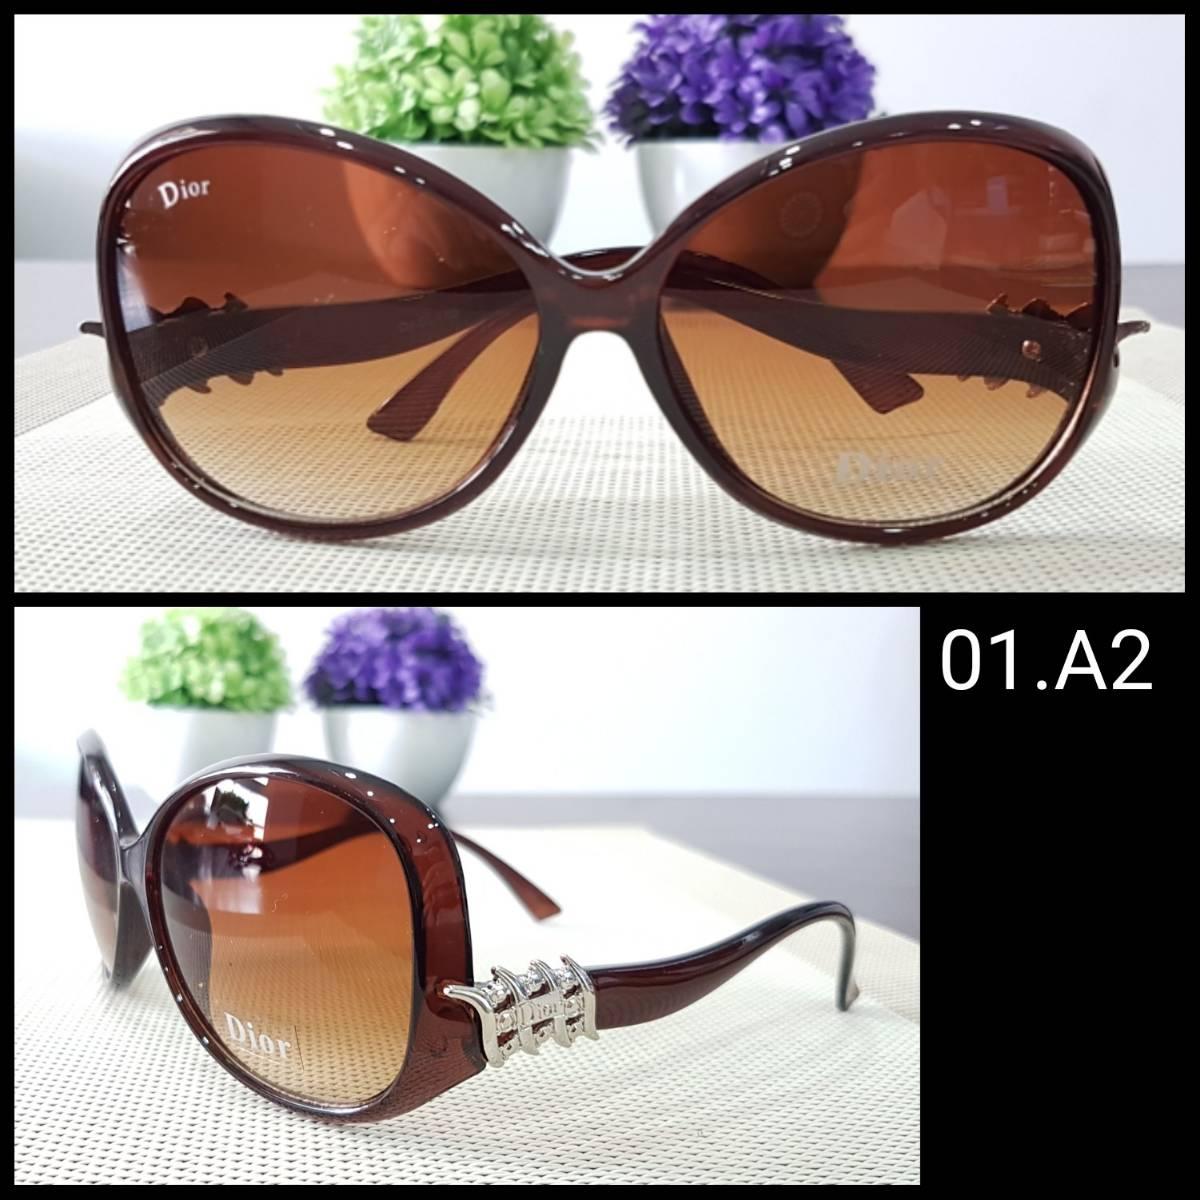 Kacamata Dior S3 Brown1